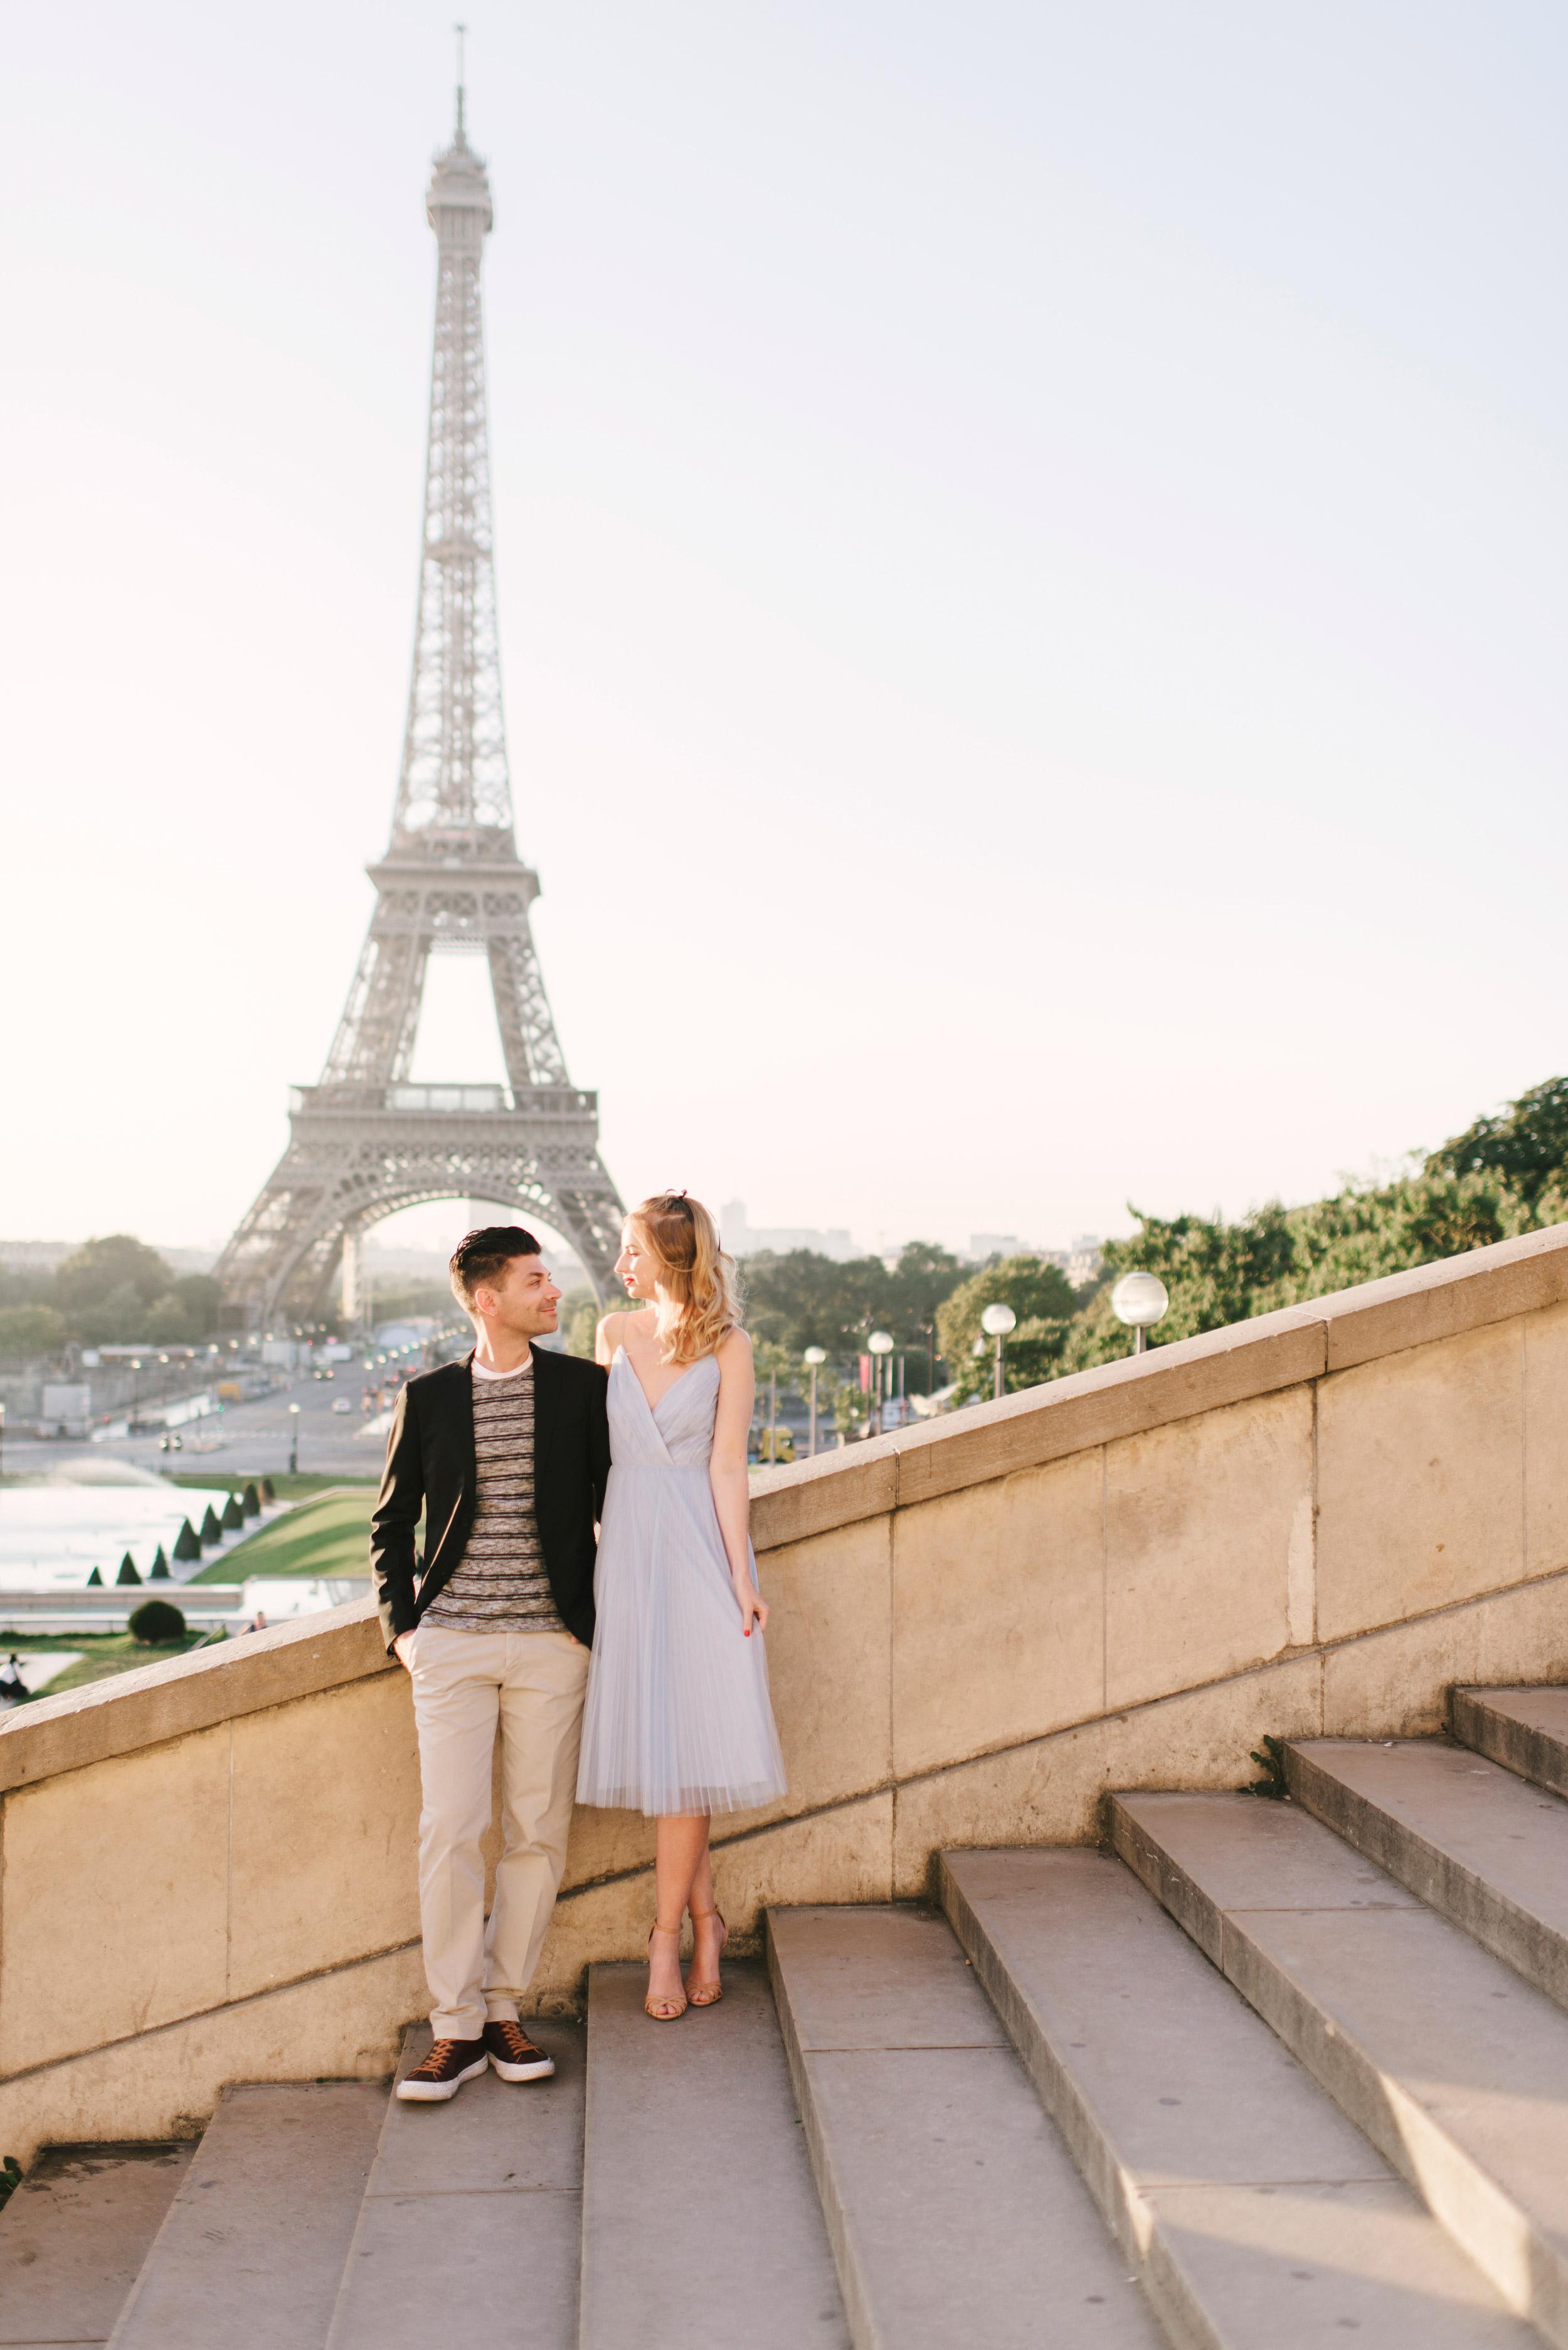 Couple-portrait-session-Paris-France-Trocadero-EiffelTower-cafe040.jpg